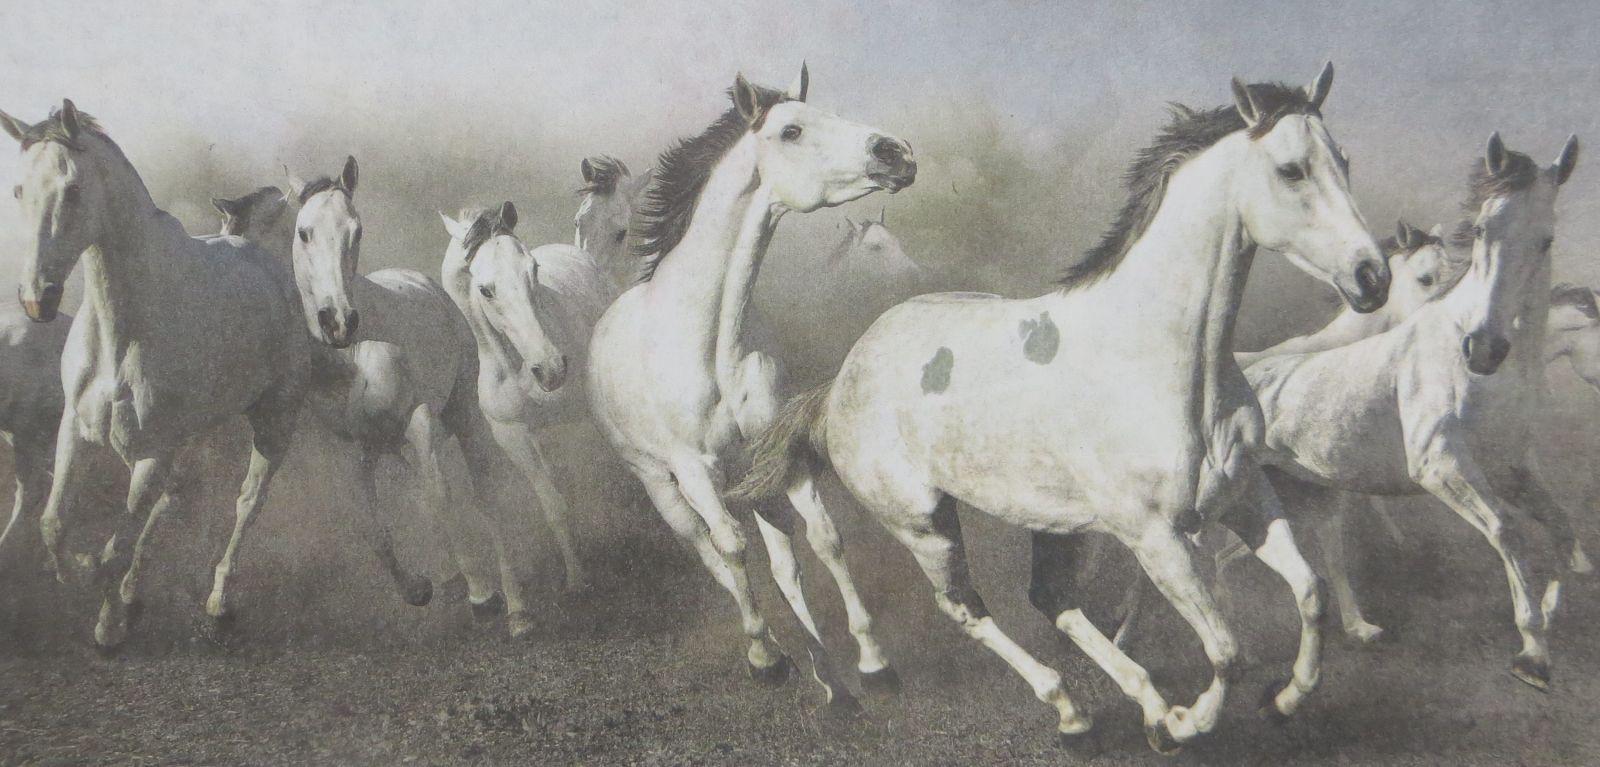 Pferd schlachten – wie geht das? Olympia-Reiterin Anika Schleu nicht schlau - featured image